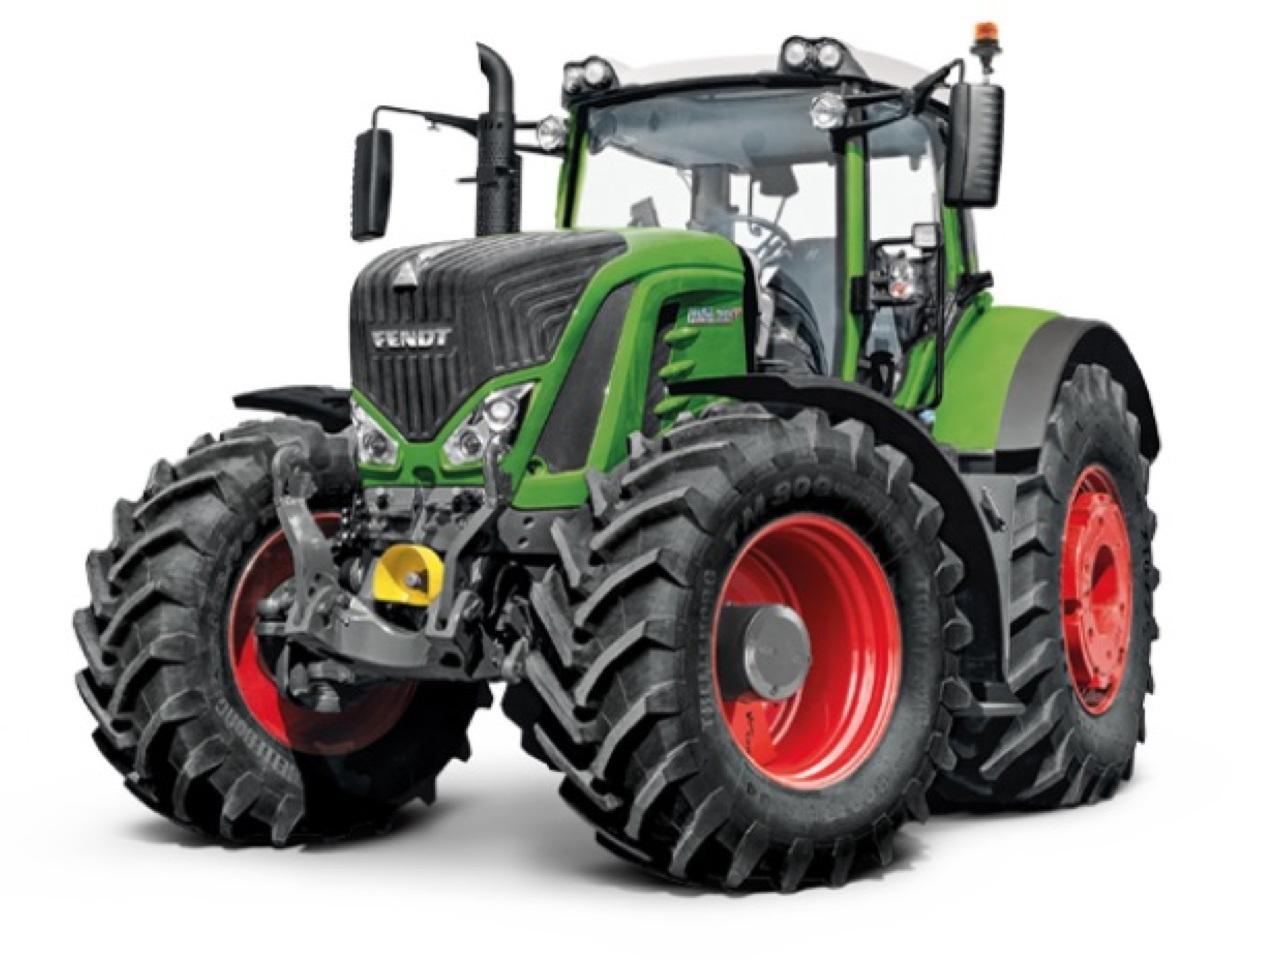 Fendt 936 Vario Trattori E Trattrici Agrimeccanica Agronotizie